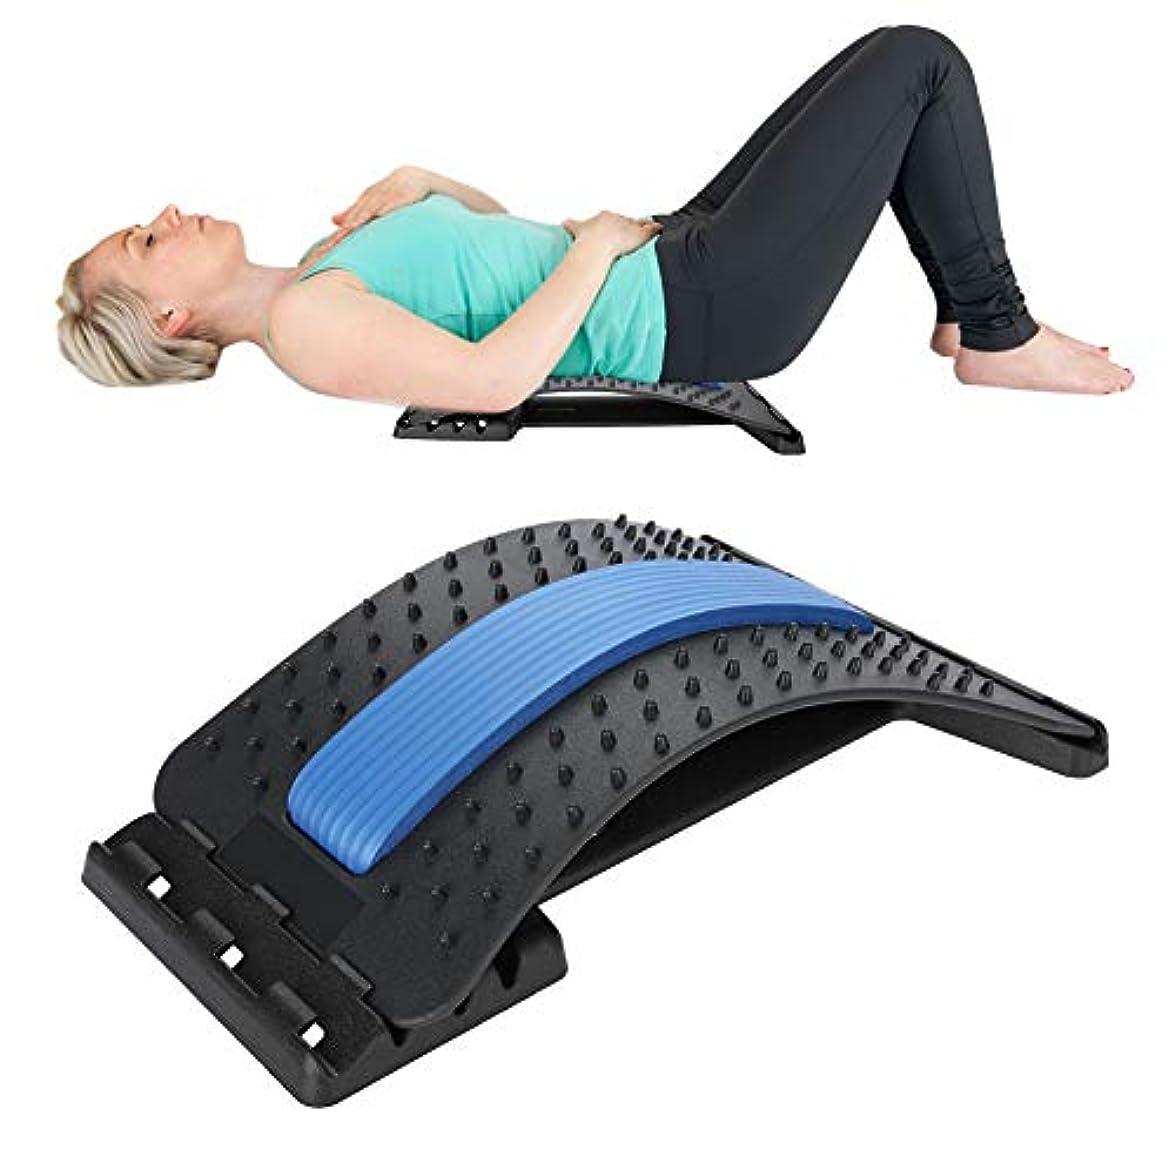 剥ぎ取るそれる扱いやすい腰部背部伸張器装置、背部マッサージャー背部腰痛のための背部腰痛サポート牽引の伸張のリラックスした脊椎減圧枕